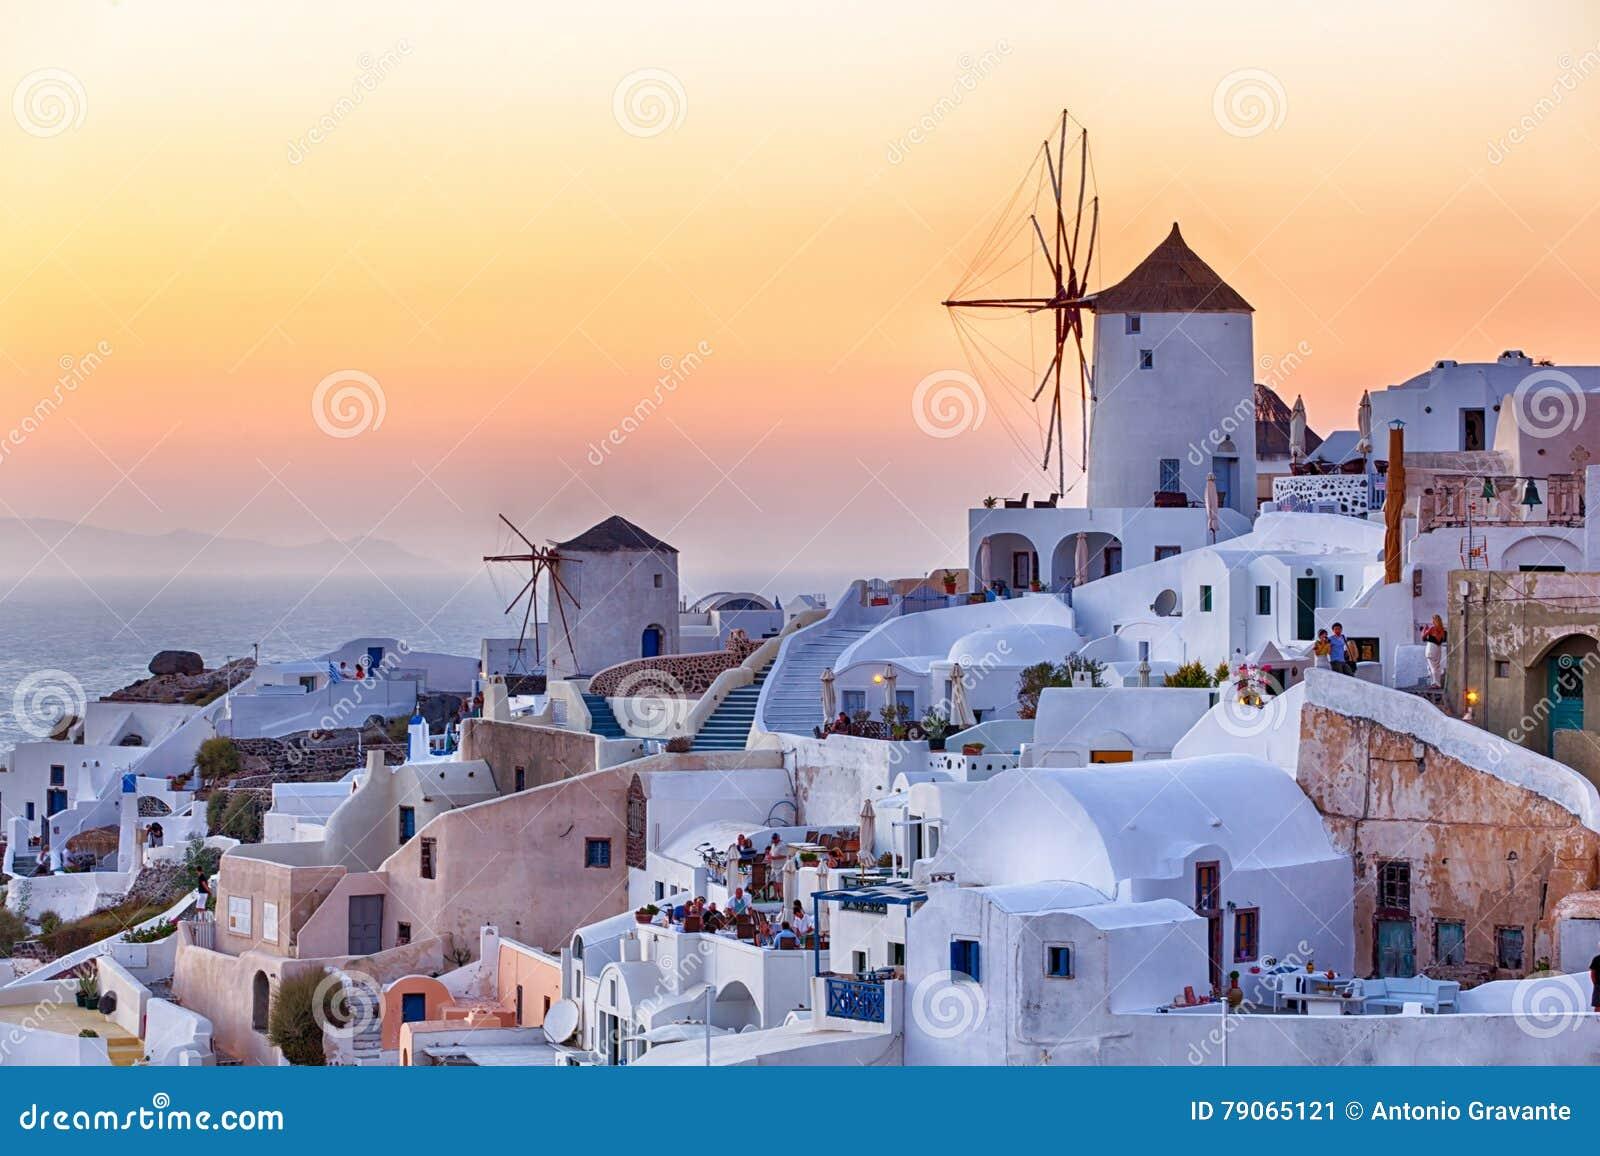 Beautiful Oia village at sunset in Santorini